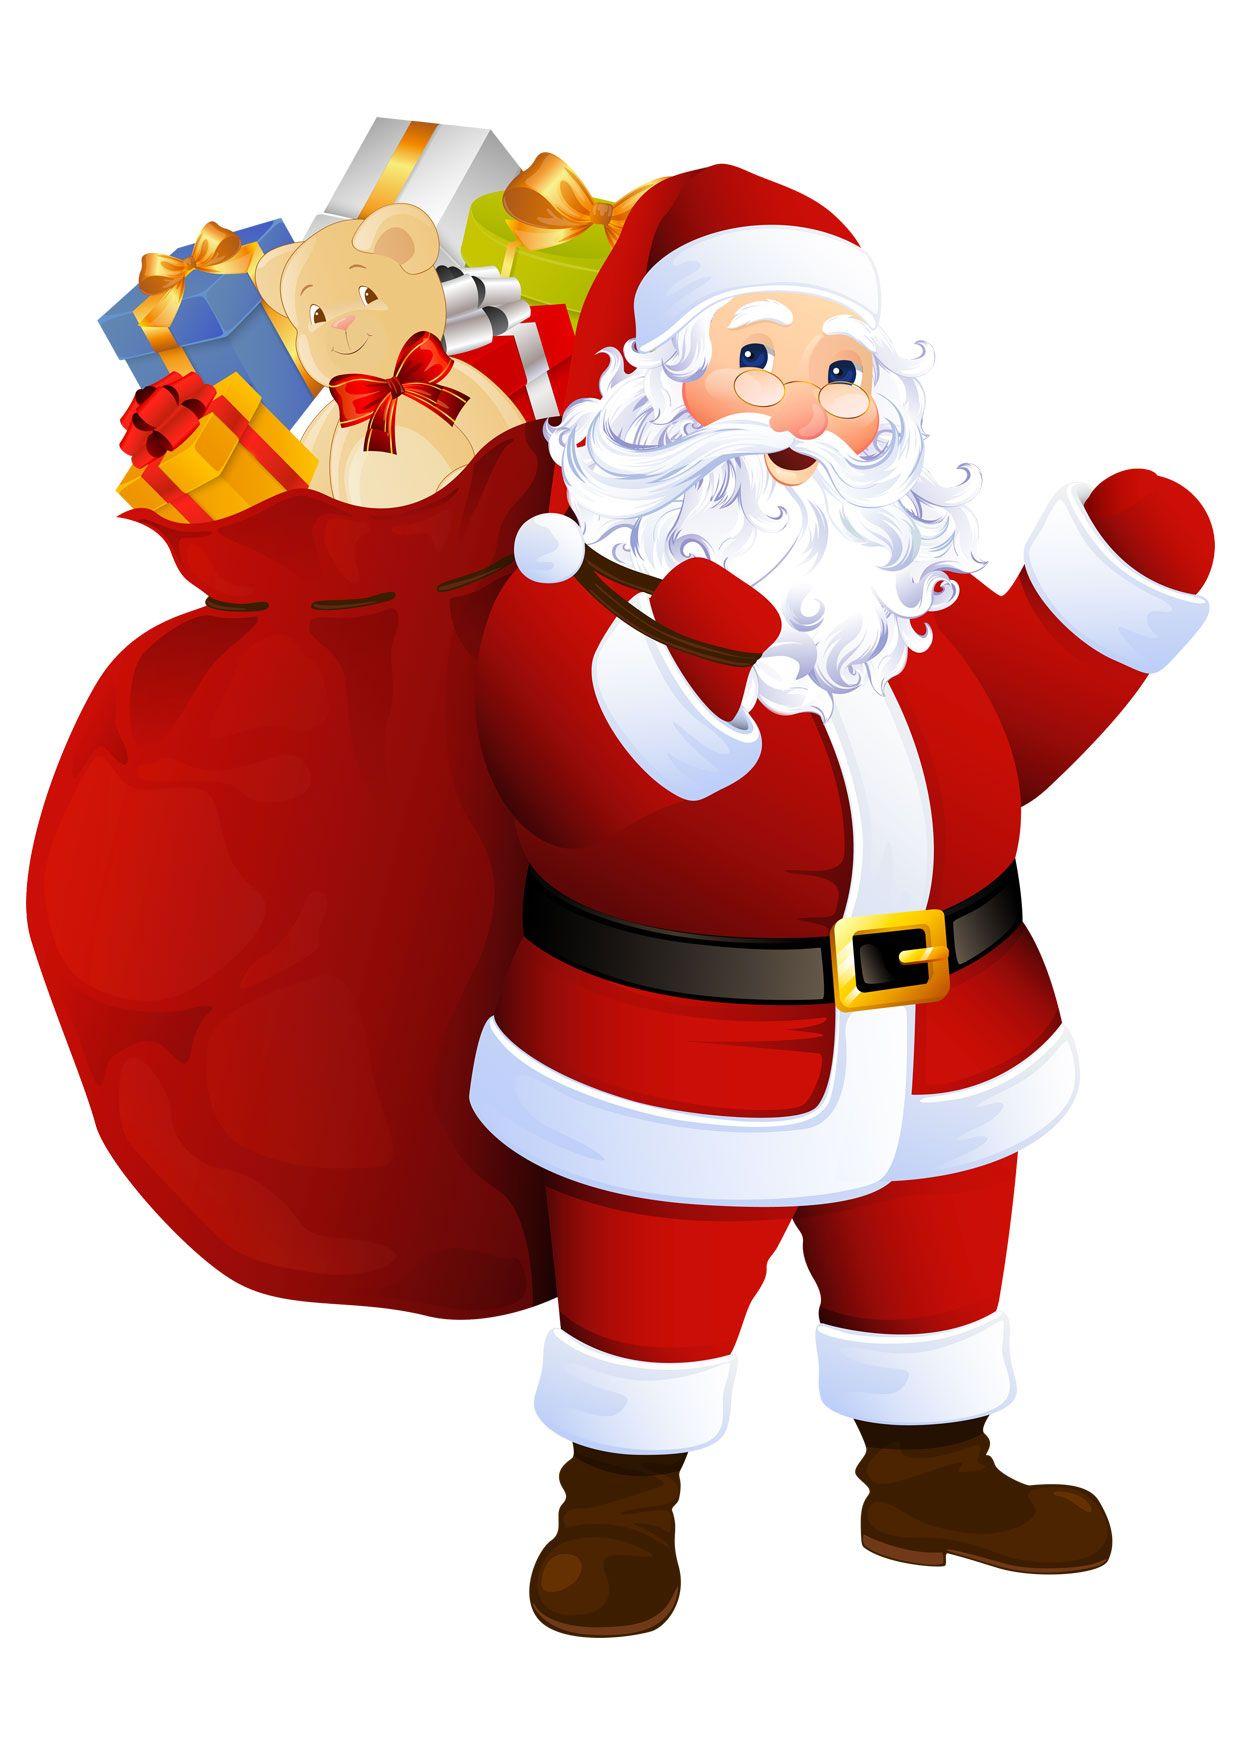 Immagini Di Natale Di Babbo Natale.30 Disegni Di Babbo Natale Gia Colorati Da Stampare Nina